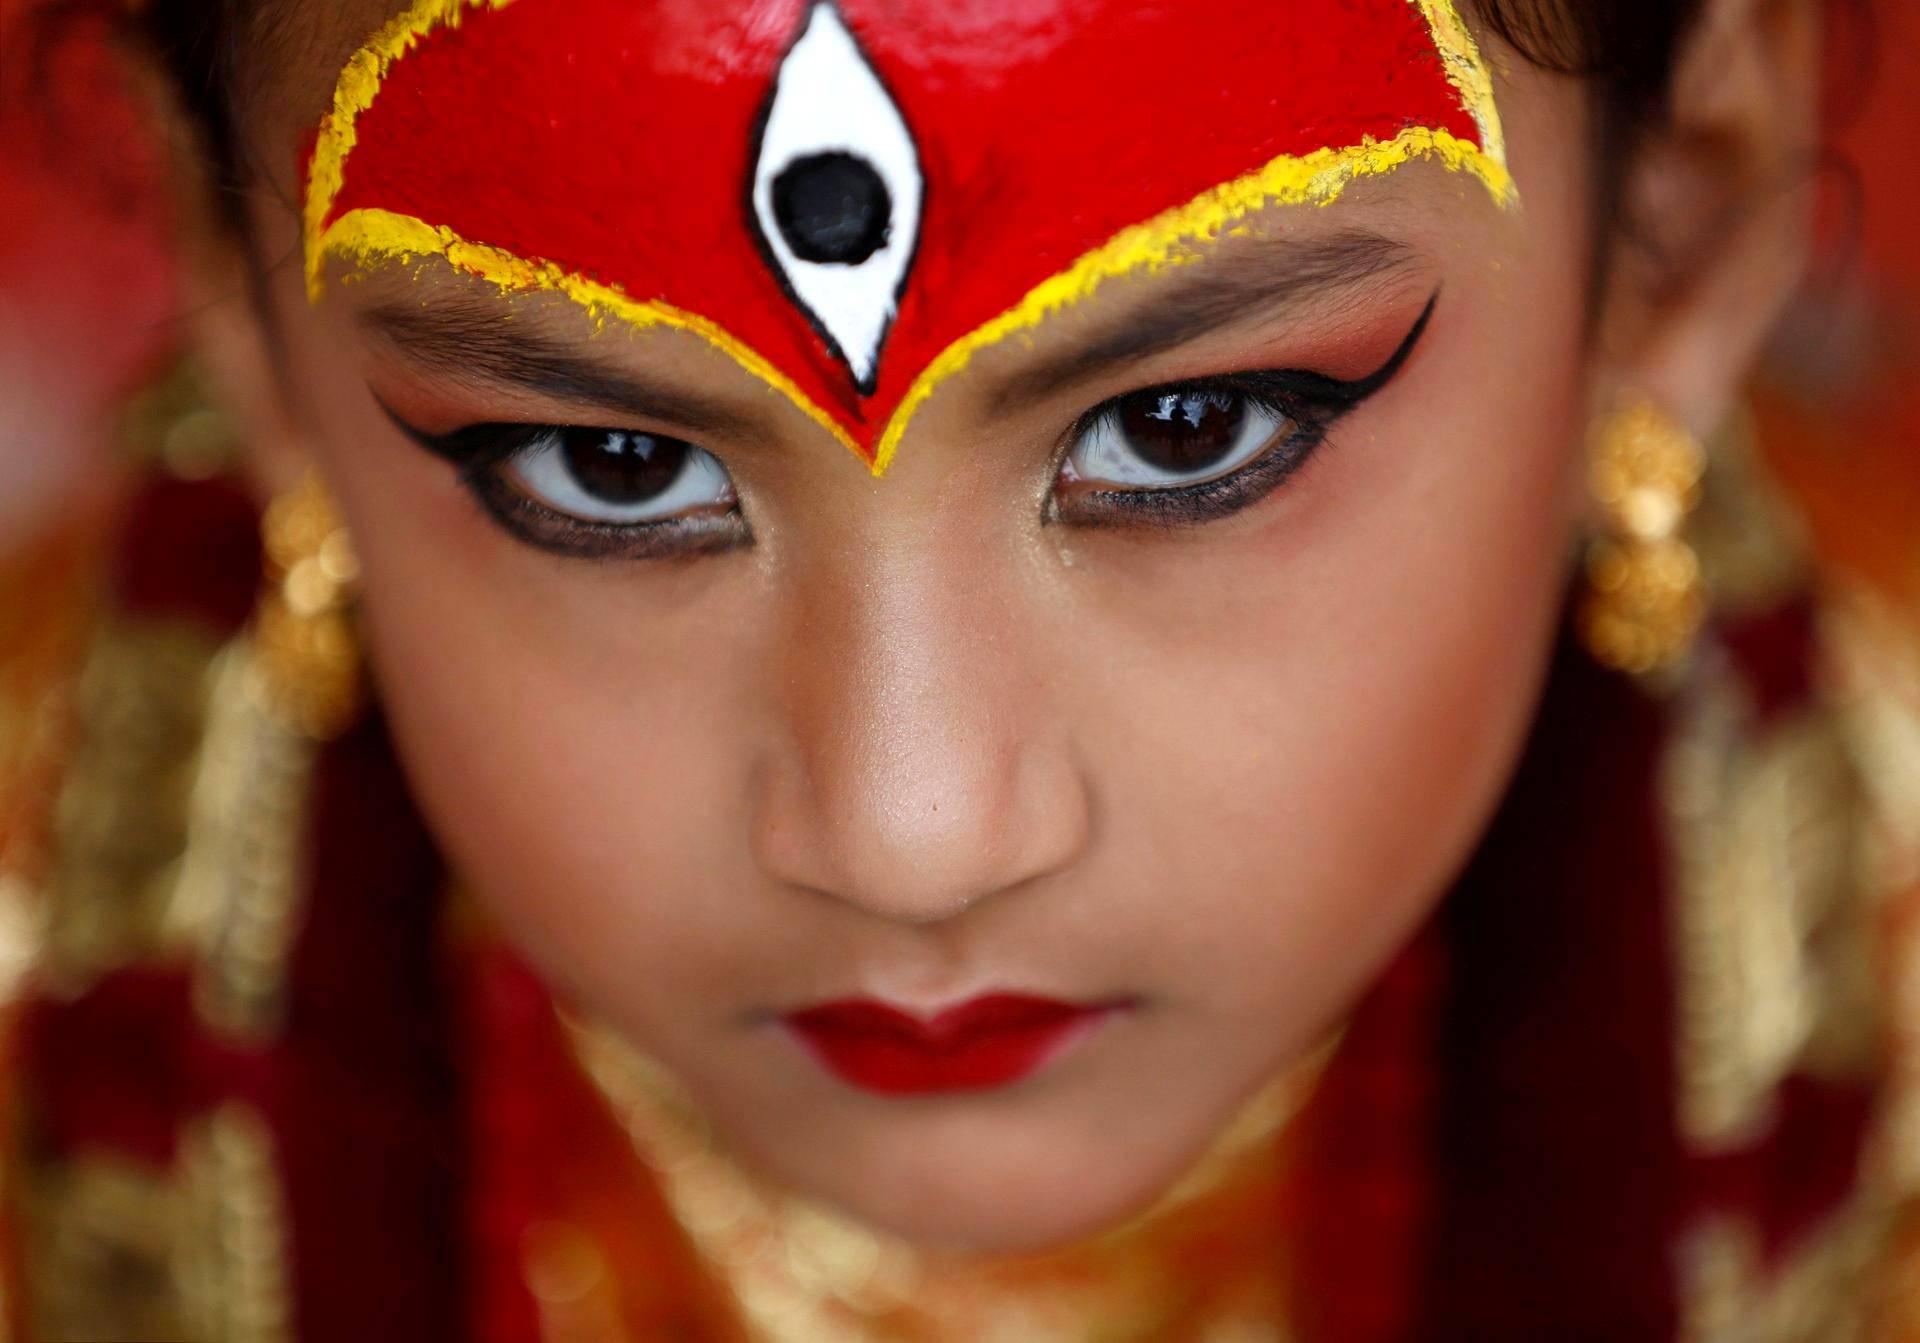 Kumari-jumalattareksi sonnustautunut tyttö poseeraa Nepalin Katmandussa maanantaina. Kumari Puja -juhlassa lapset puetaan jumalattaren tapaan, minkä uskotaan tuovan heille terveyttä.